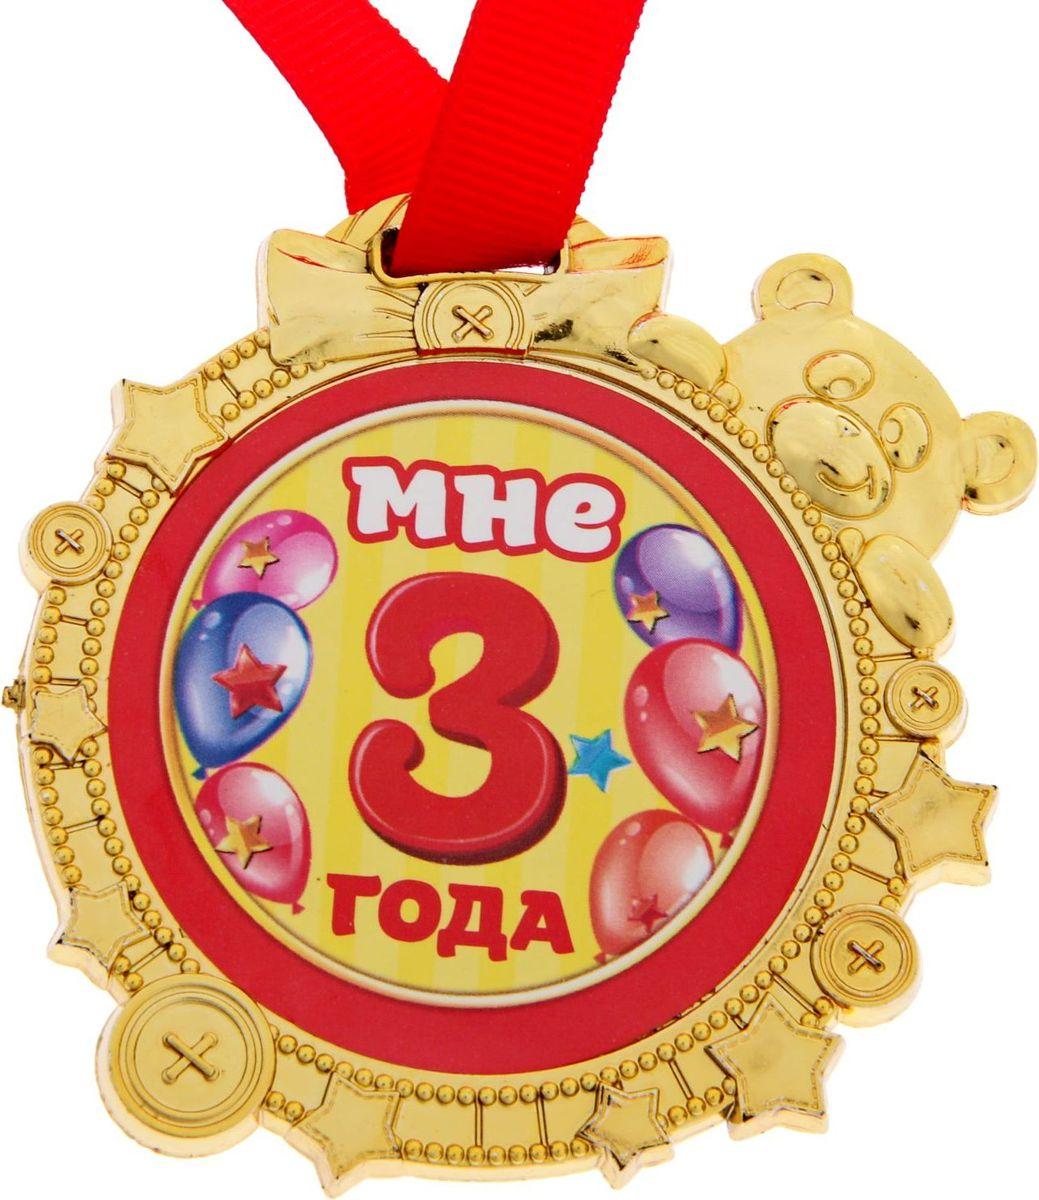 Медаль сувенирная Мне 3 года, 6,9 х 6,9 см1866905Красочная медаль золотого цвета для награждения детишек во время проведения соревнований, конкурсов и утренников подвигнет ребят на достижение новых высот! Награда дополнена яркой лентой, позволяющей сразу повесить изделие на шею ребёнка. Преподносится на красочной подложке.